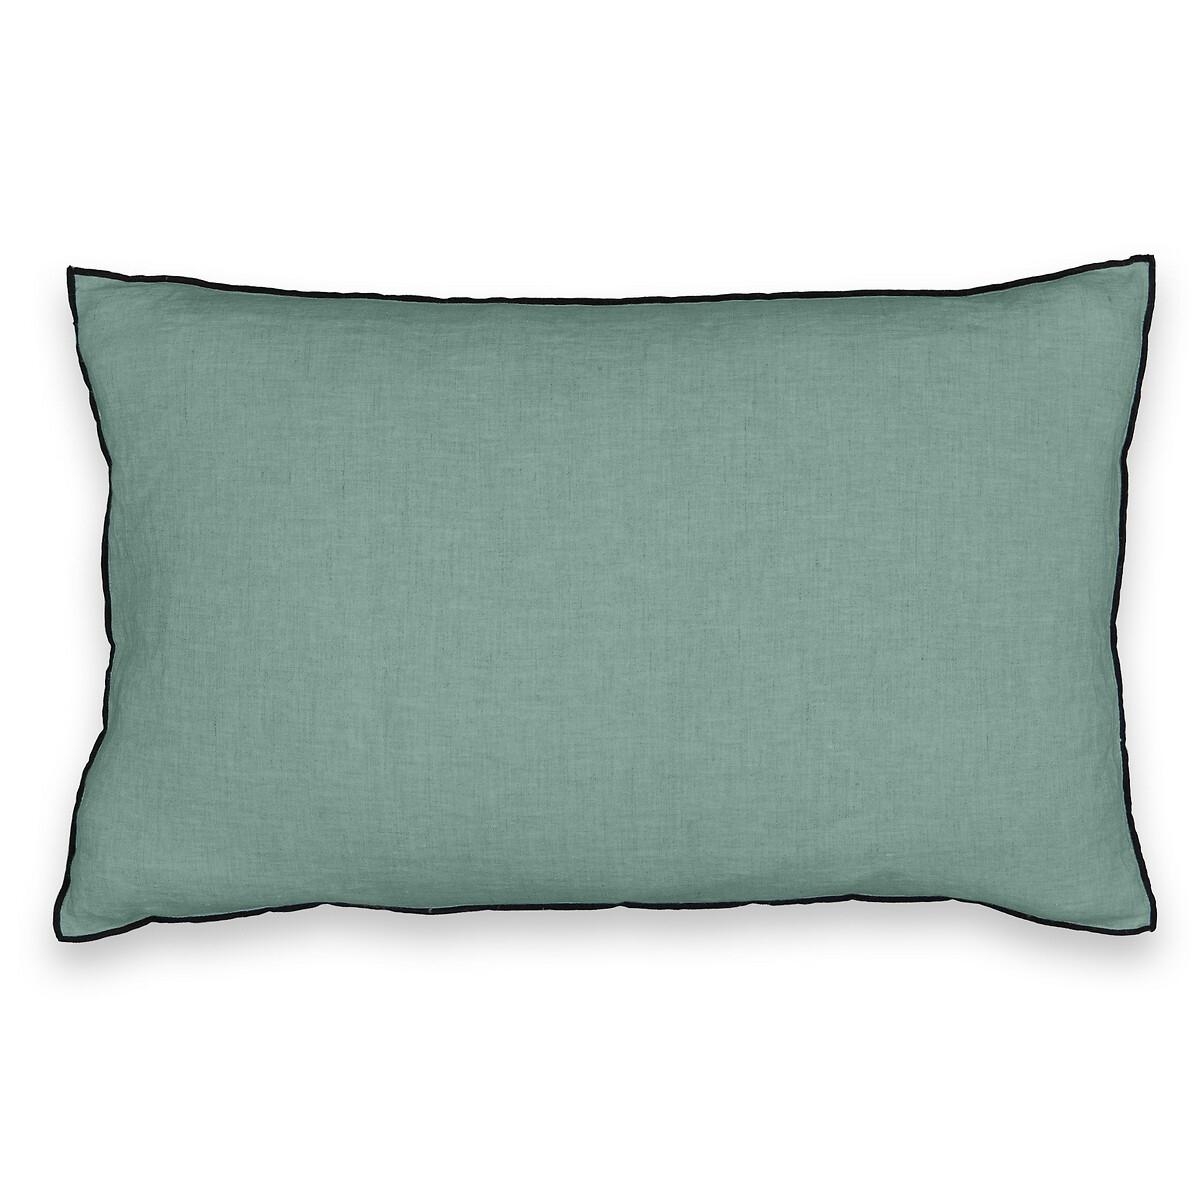 Чехол La Redoute На подушку 100 стираный лен ELina 60 x 40 см зеленый чехол la redoute на подушку chivy 50 x 30 см красный